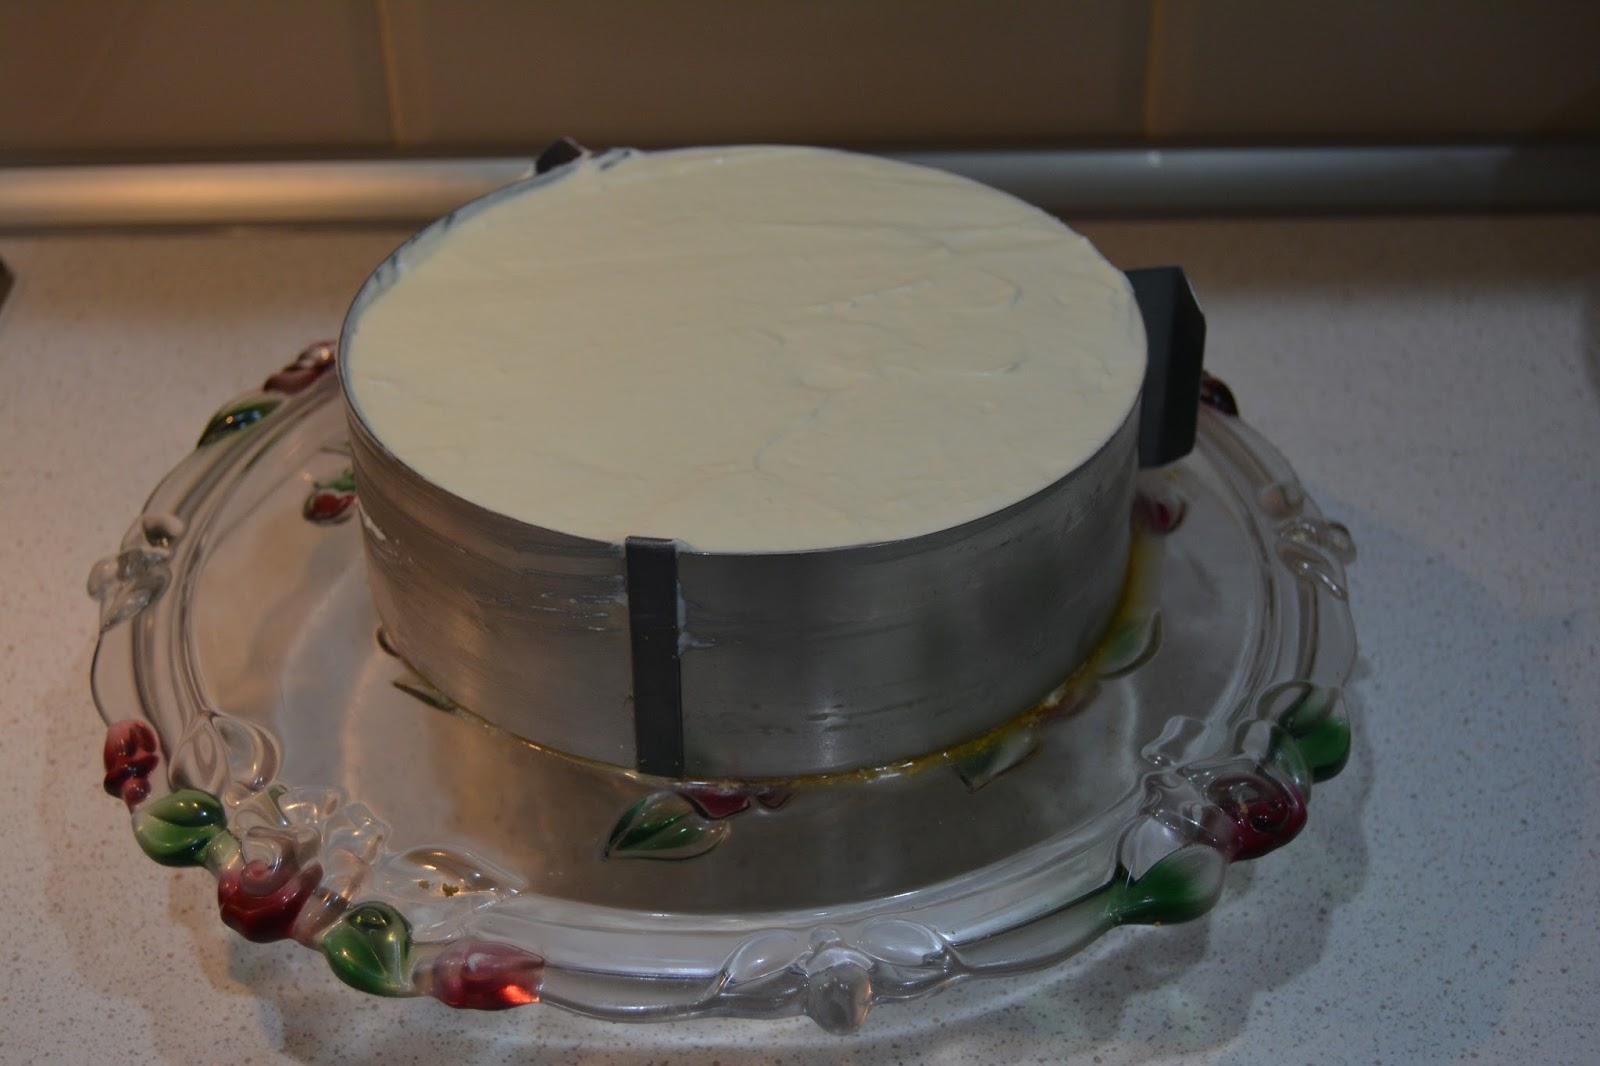 видео как приготовить торт дамский каприз видео